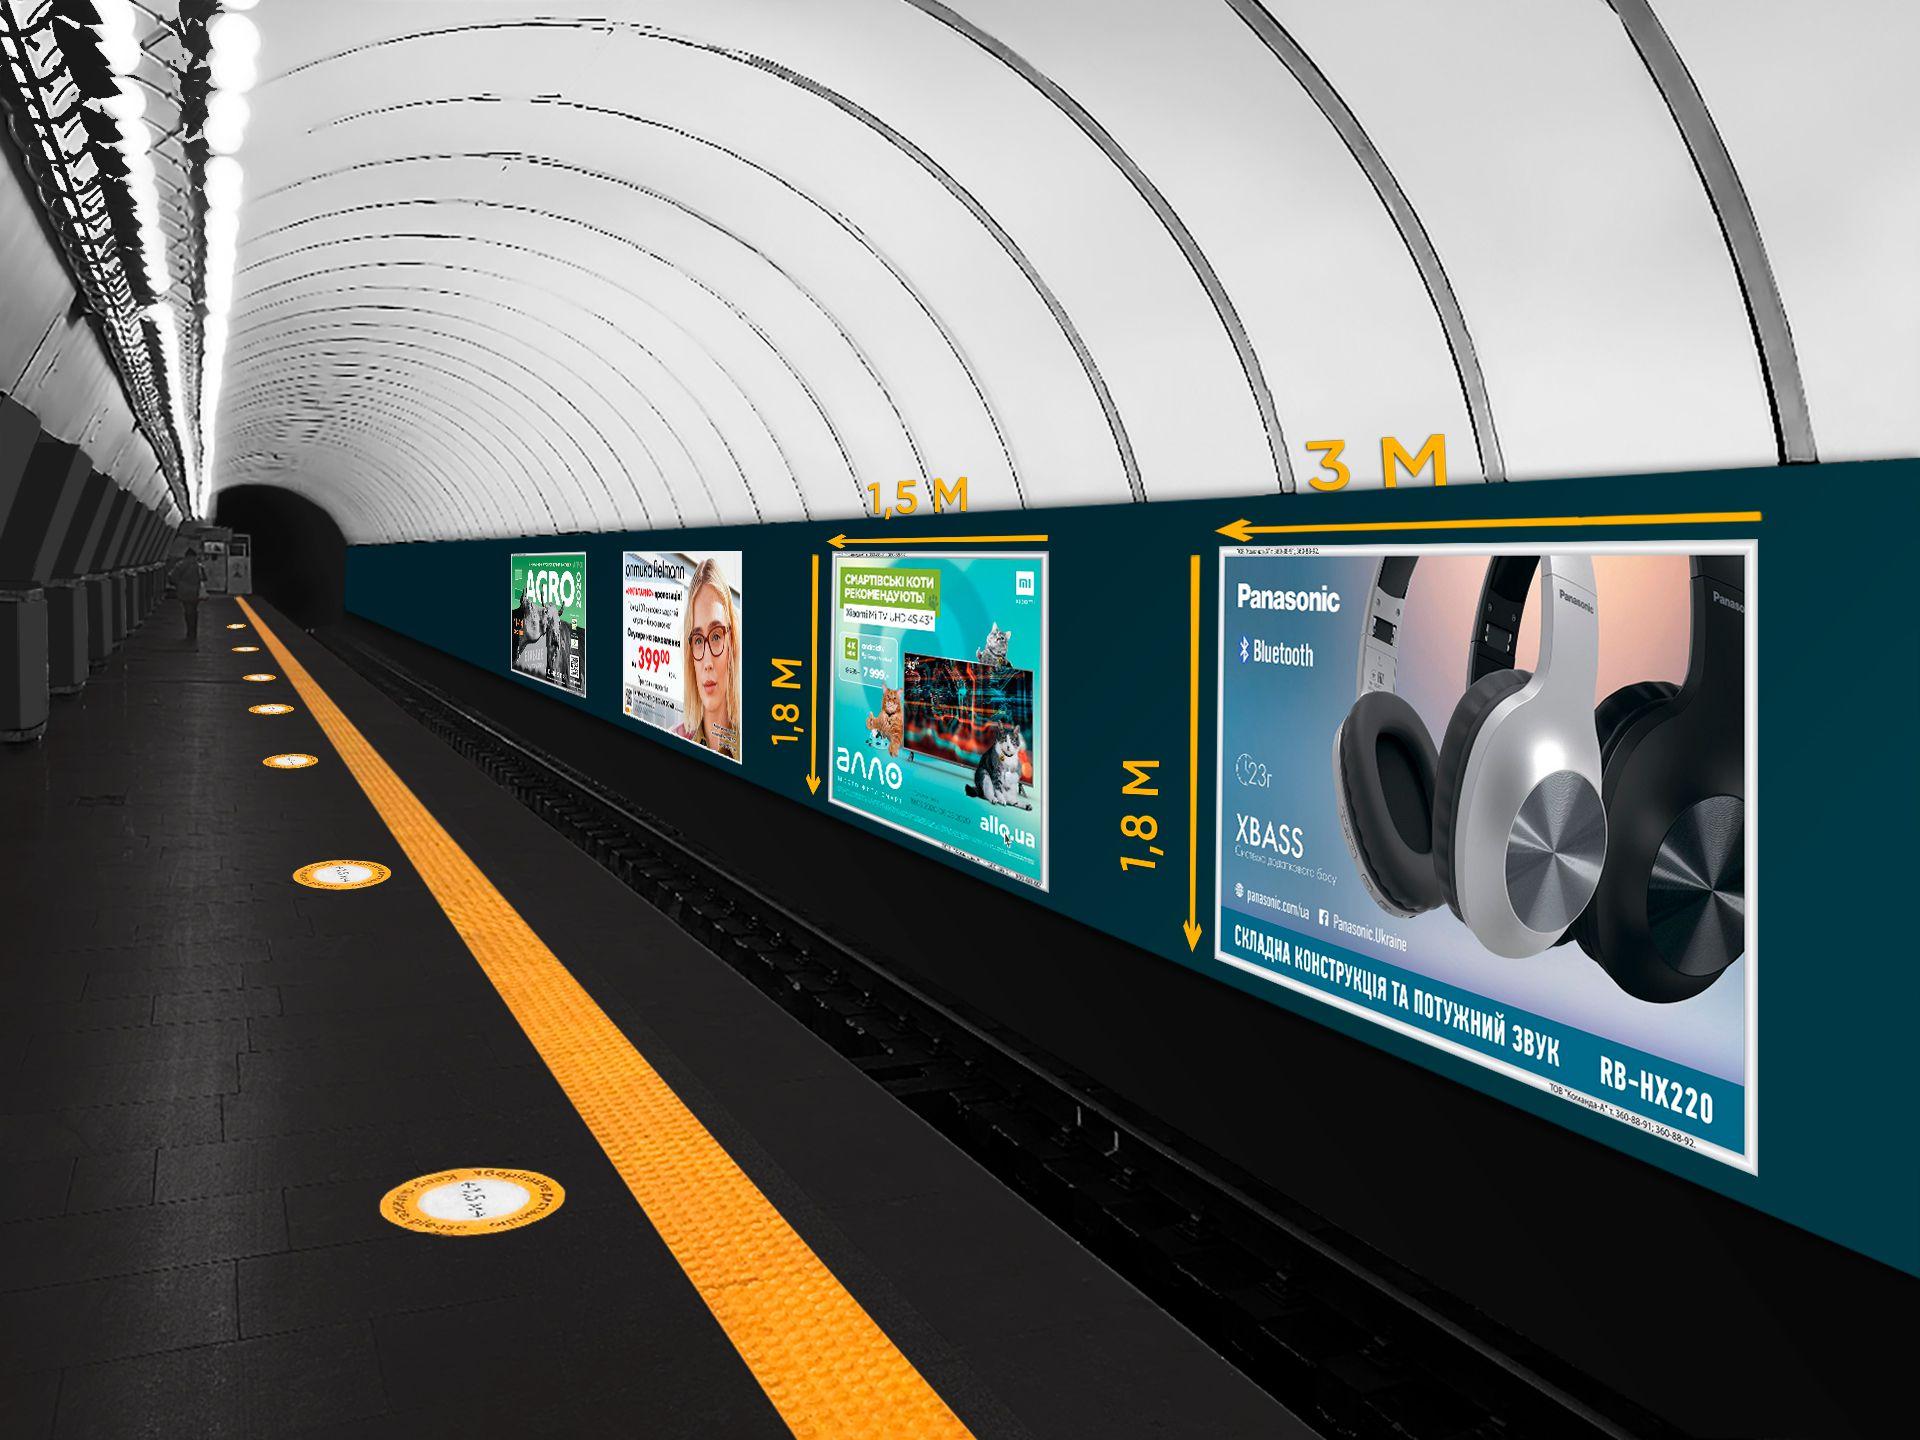 Ваша реклама в метро на будь-який бюджет: плакат 6 м. кв. або 3 м. кв. на шляхових стінах платформ за півціни!